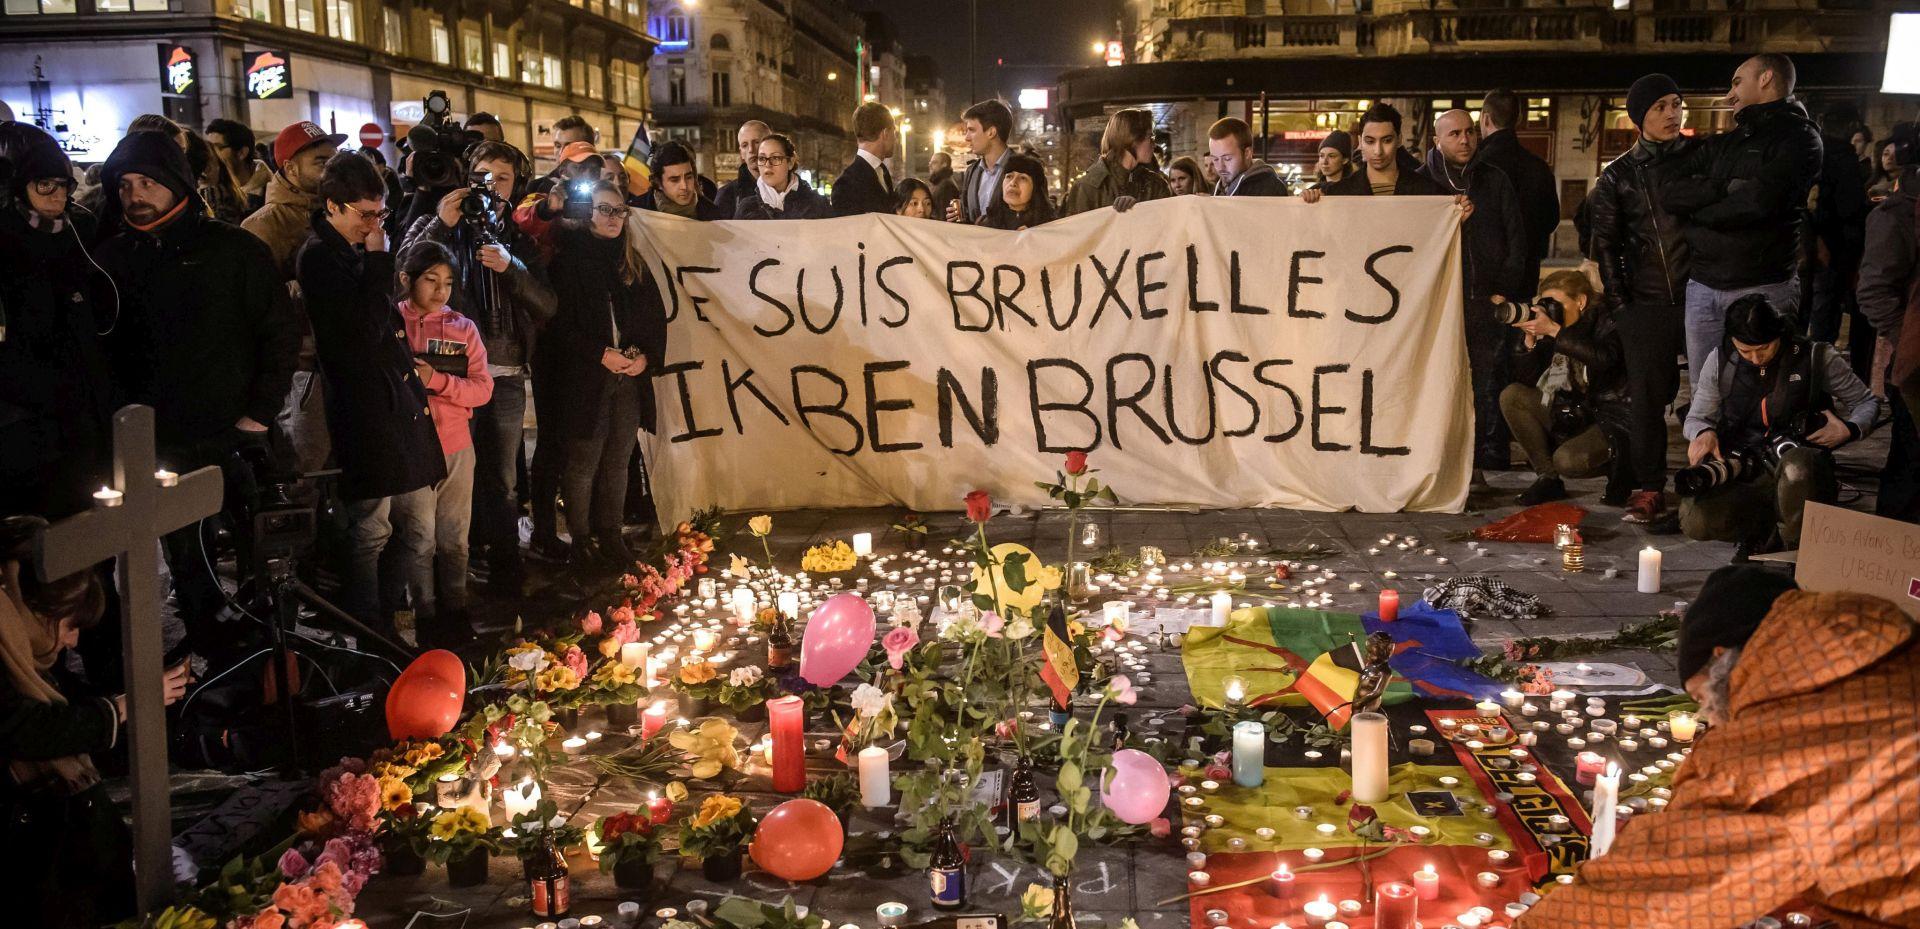 VIDEO: Bruxelles, Europa i svijet izrazili sućut nakon terorističkih napada